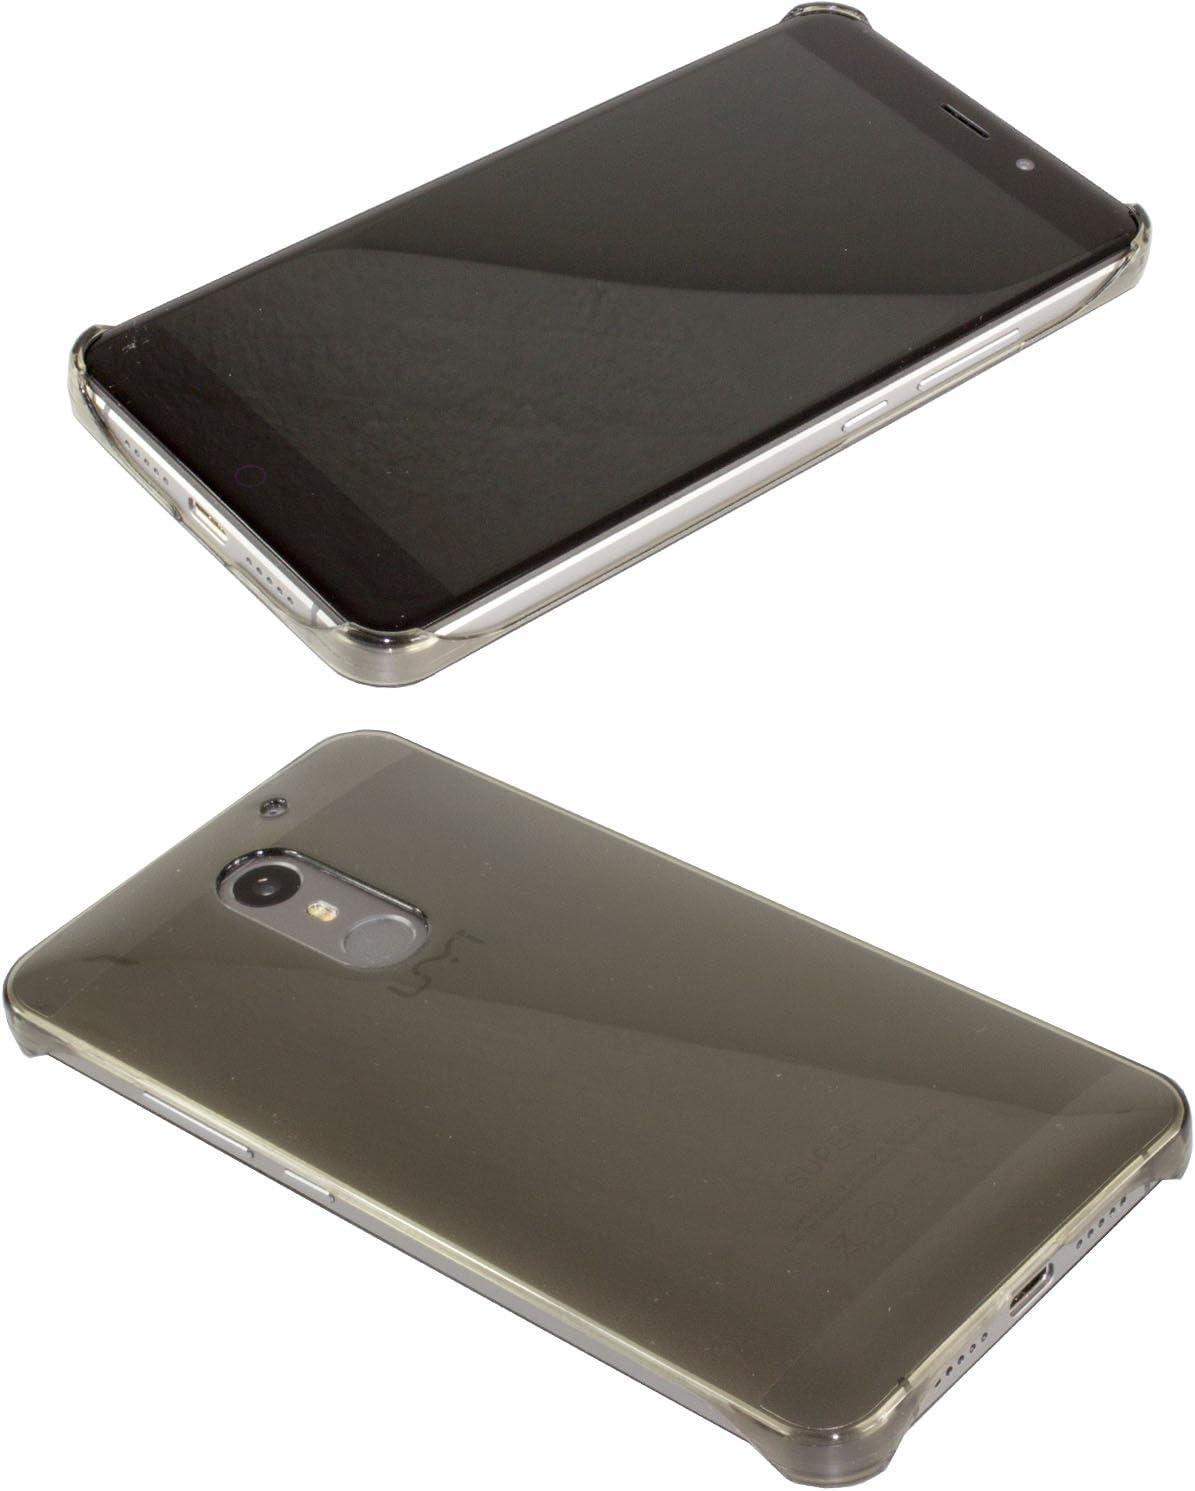 Funda UMI UMIDIGI MAX Backcover, Protección contra choques para el Smartphone (Funda Carcasa en Negro-Transparente): Amazon.es: Electrónica